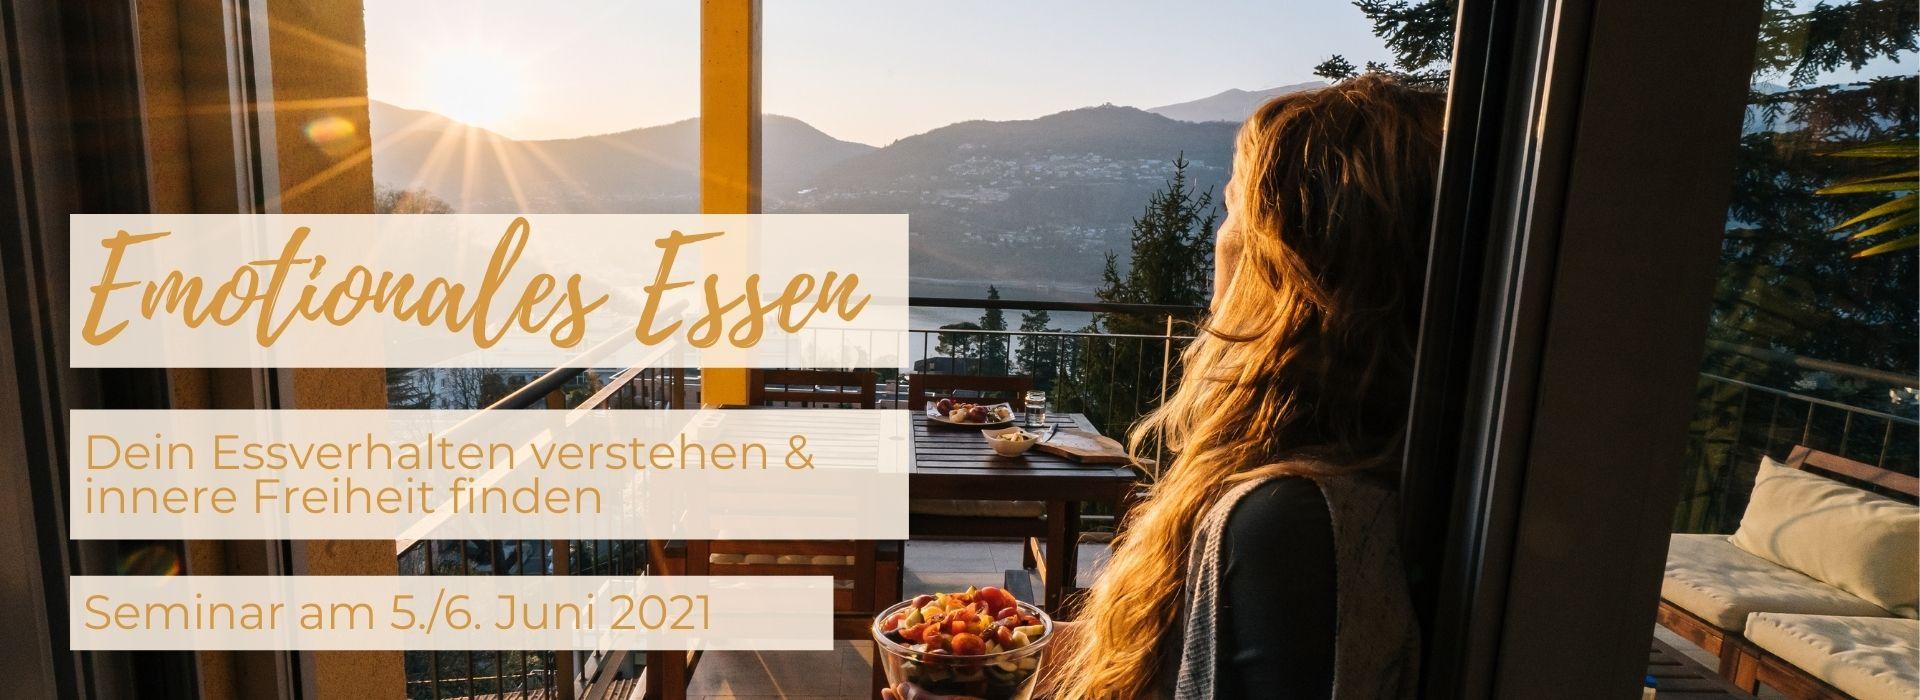 Emotionales Essen – Dein Essverhalten verstehen & innere Freiheit finden 5./6. Juni 21